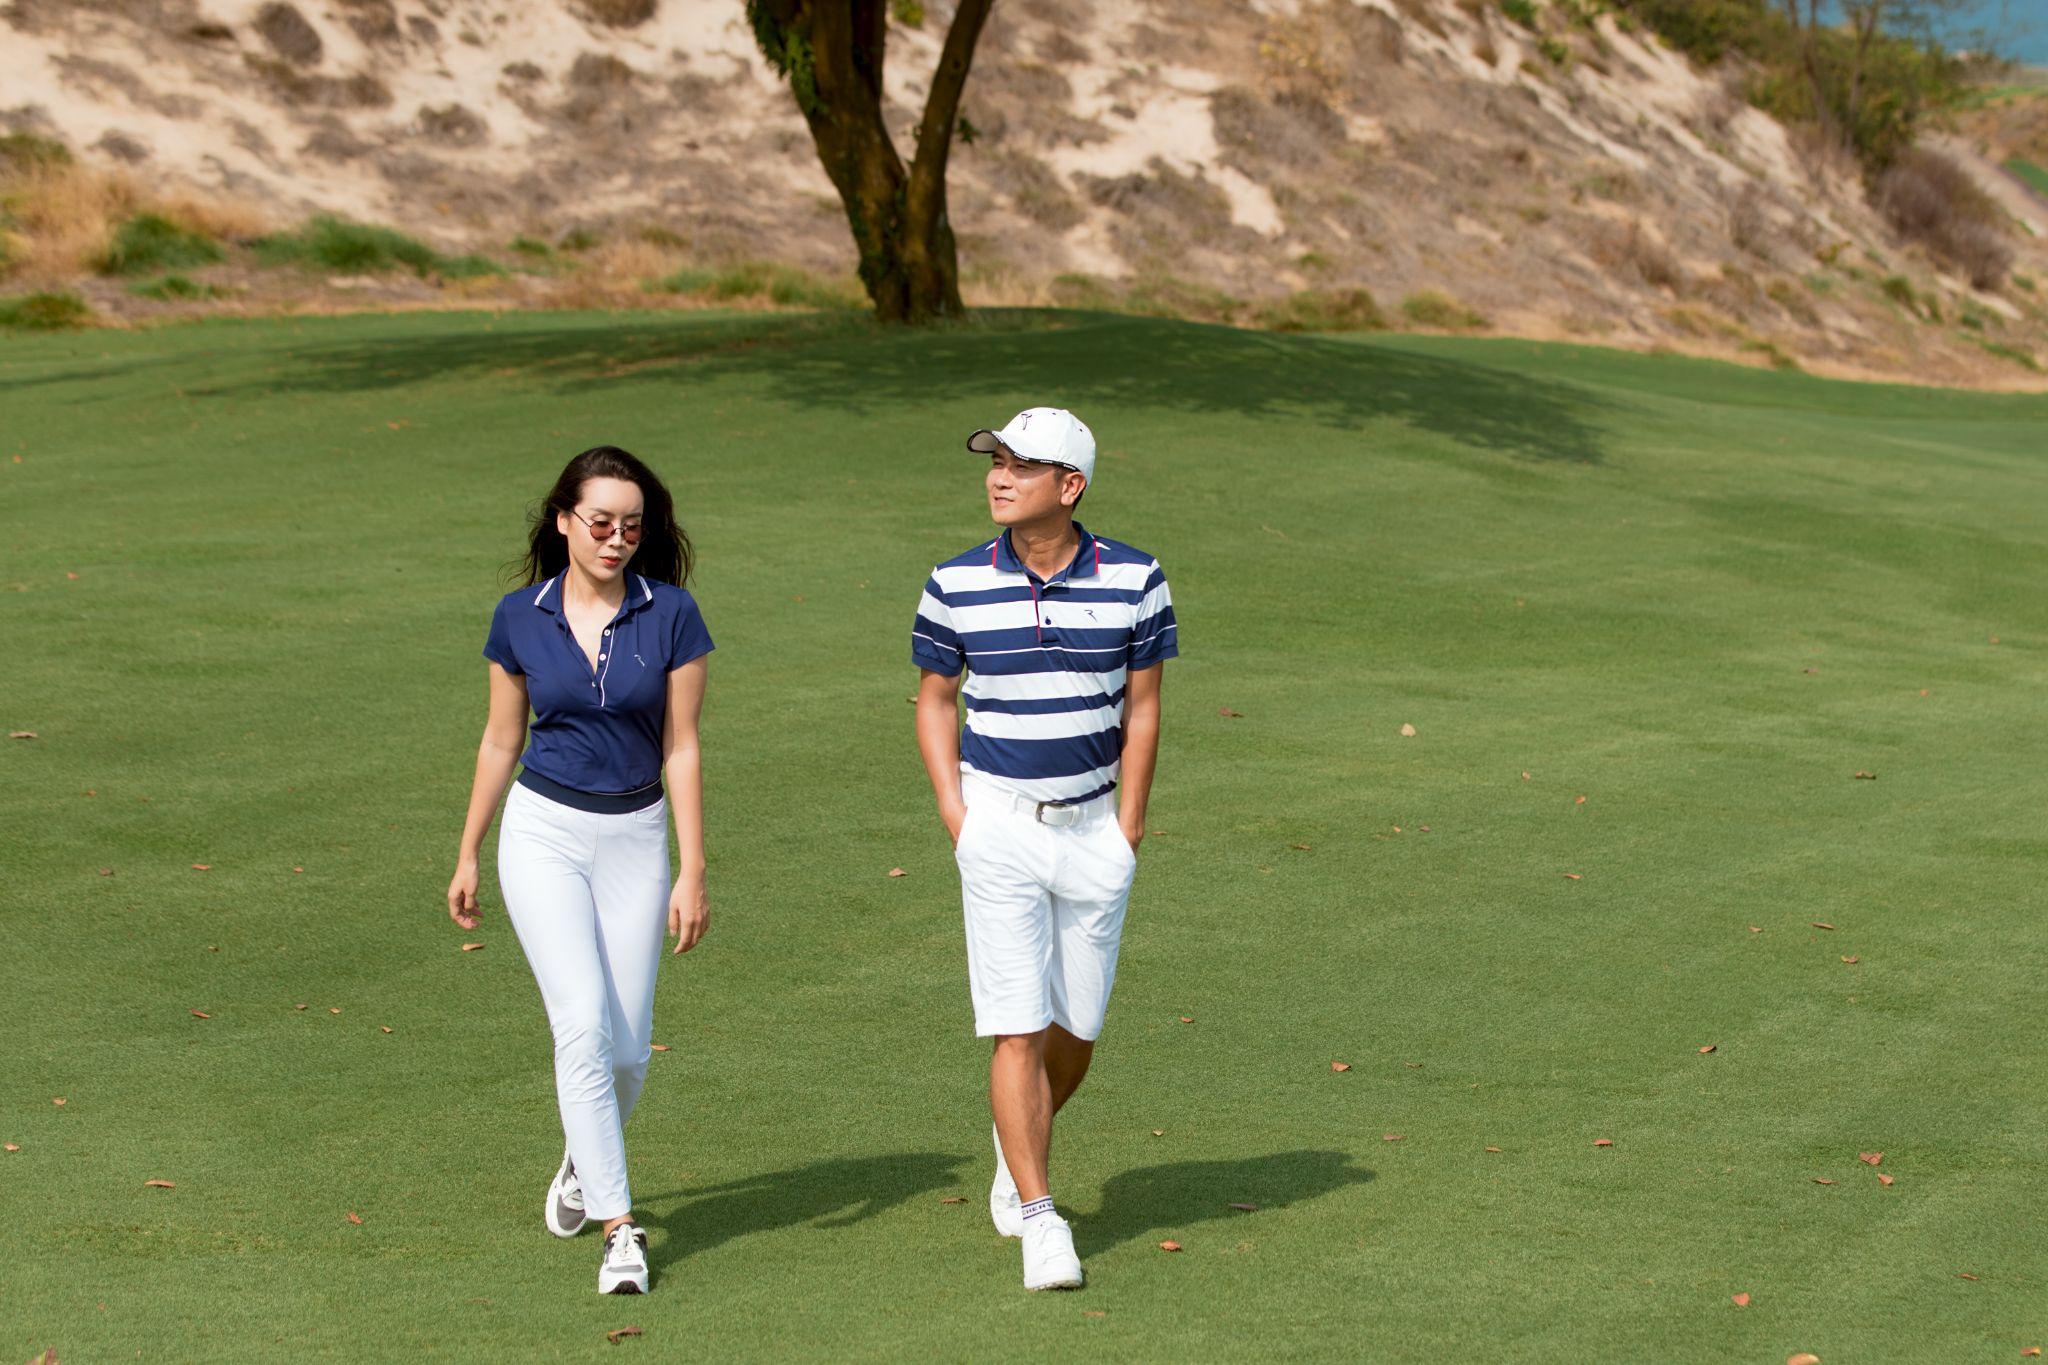 Cặp sao năng động với các thiết kế năng động, gam xanh, trắng. Lưu Hương Giang nhận định golf đưa người chơi qua mọi cung bậc cảm xúc, từ bực bội, tiếc nuối đến vui mừng, thỏa mãn... Ngoài ra, bộ môn này còn gắn liền với thiên nhiên, giúp cô lấy lại năng lượng sau thời gian dài bận rộn.